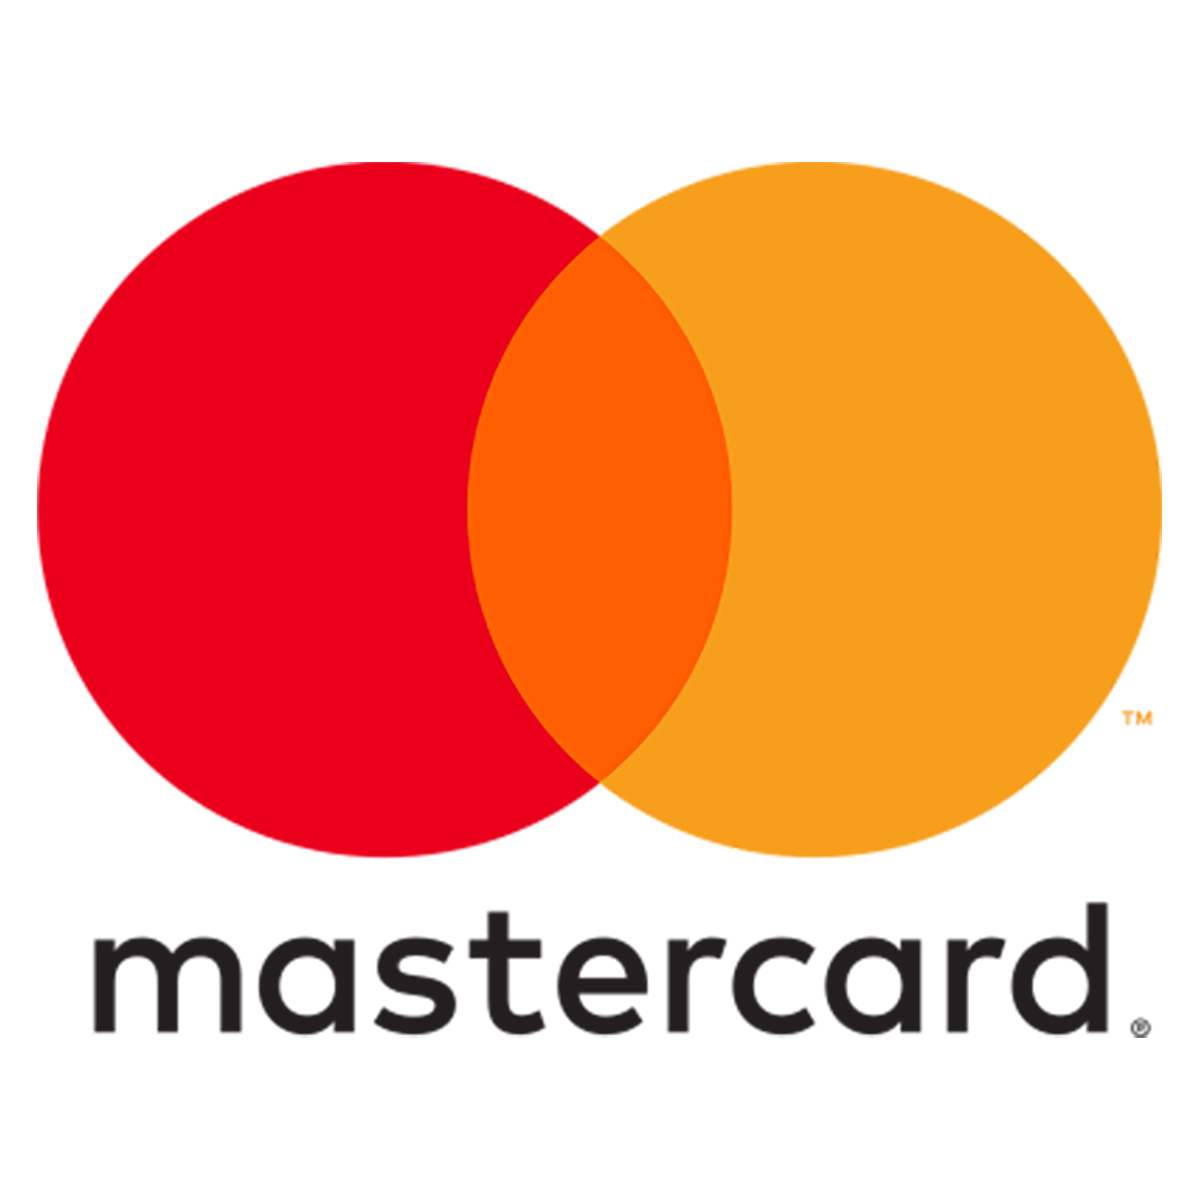 A-mastercard.jpg